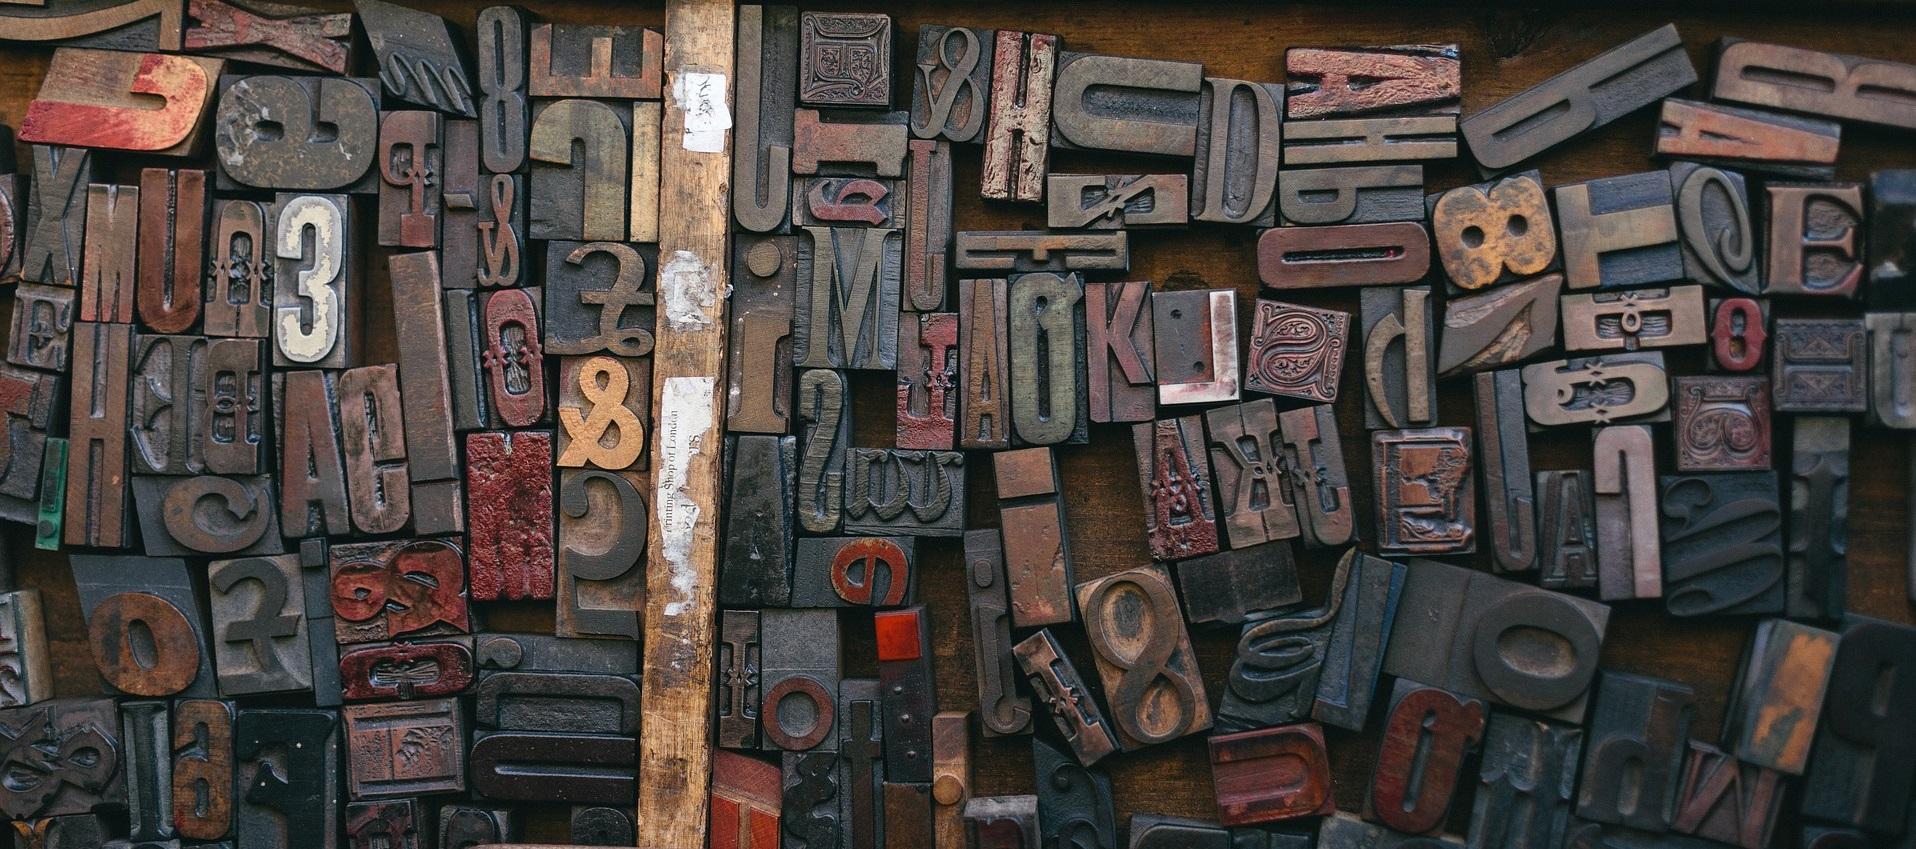 Caractères typographiques en bois (CC0)